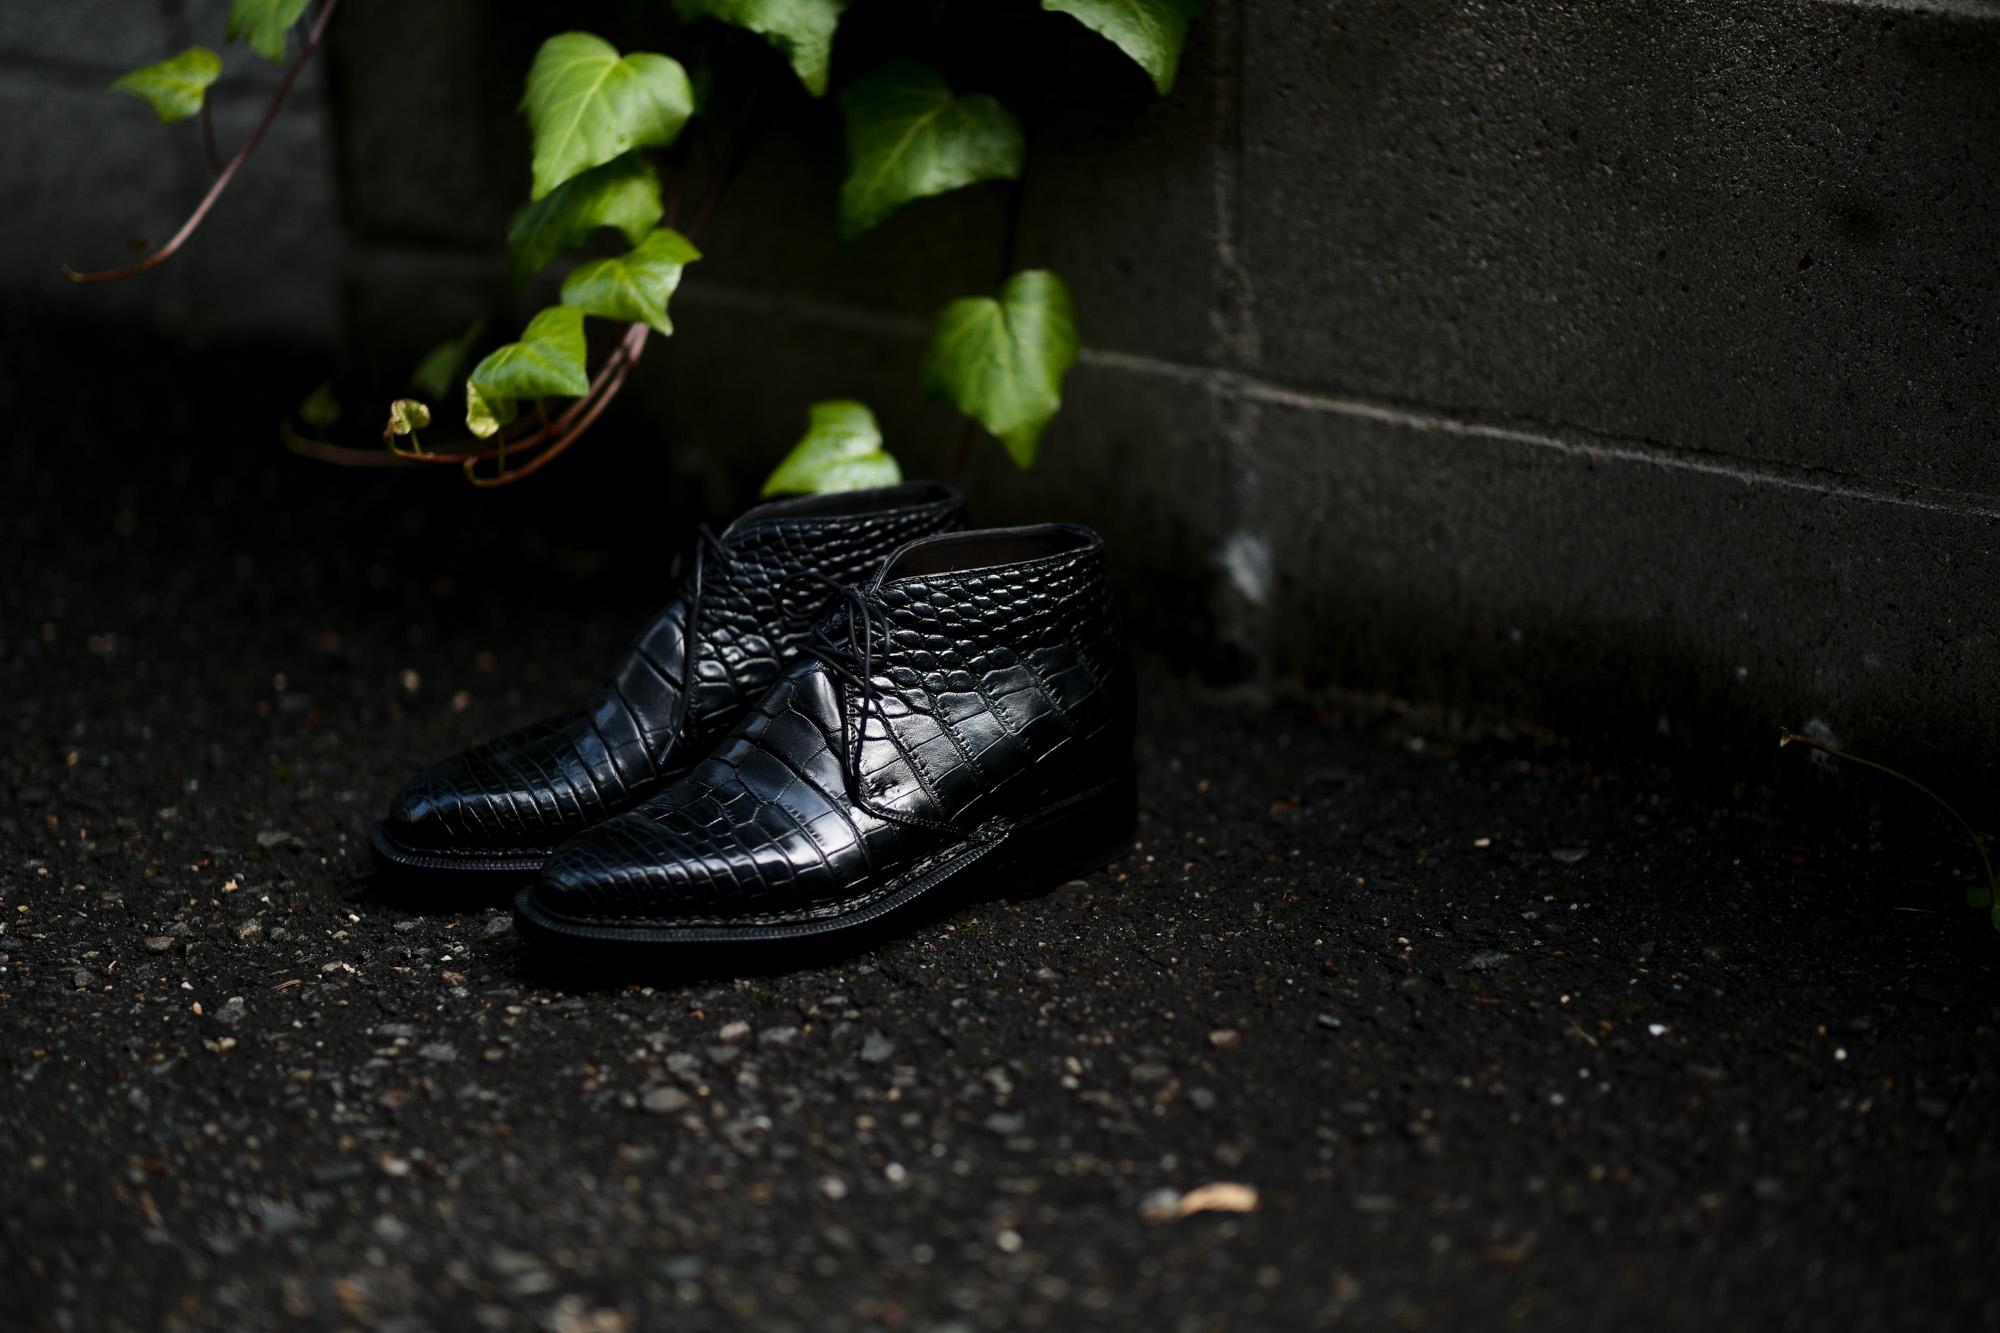 ENZO BONAFE (エンツォボナフェ) ART.3722 Crocodile Chukka boots クロコダイル Mat Crocodile Leather マット クロコダイル エキゾチックレザー チャッカブーツ NERO (ブラック) made in italy (イタリア製) 2020 秋冬 愛知 名古屋 Alto e Diritto altoediritto アルトエデリット 入荷しました